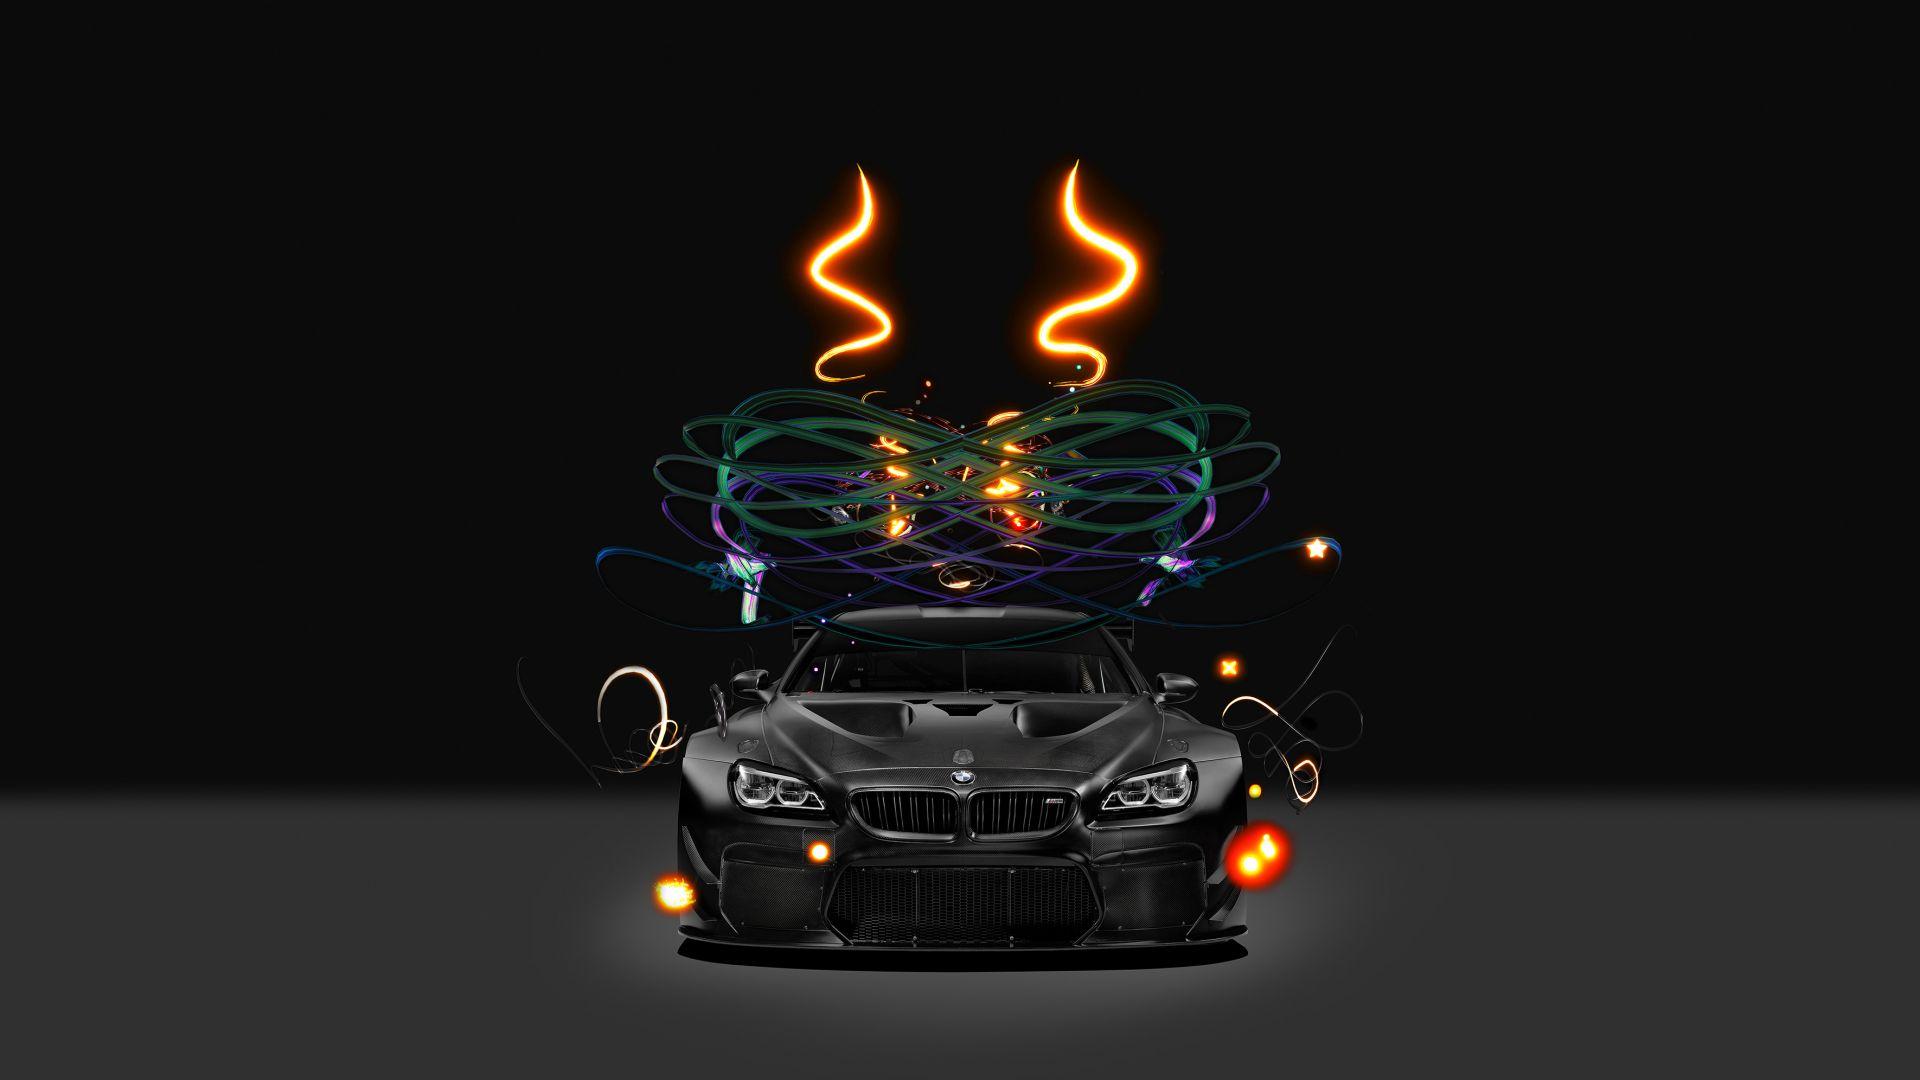 Wallpaper BMW M6 GT3, BMW art car, 4k